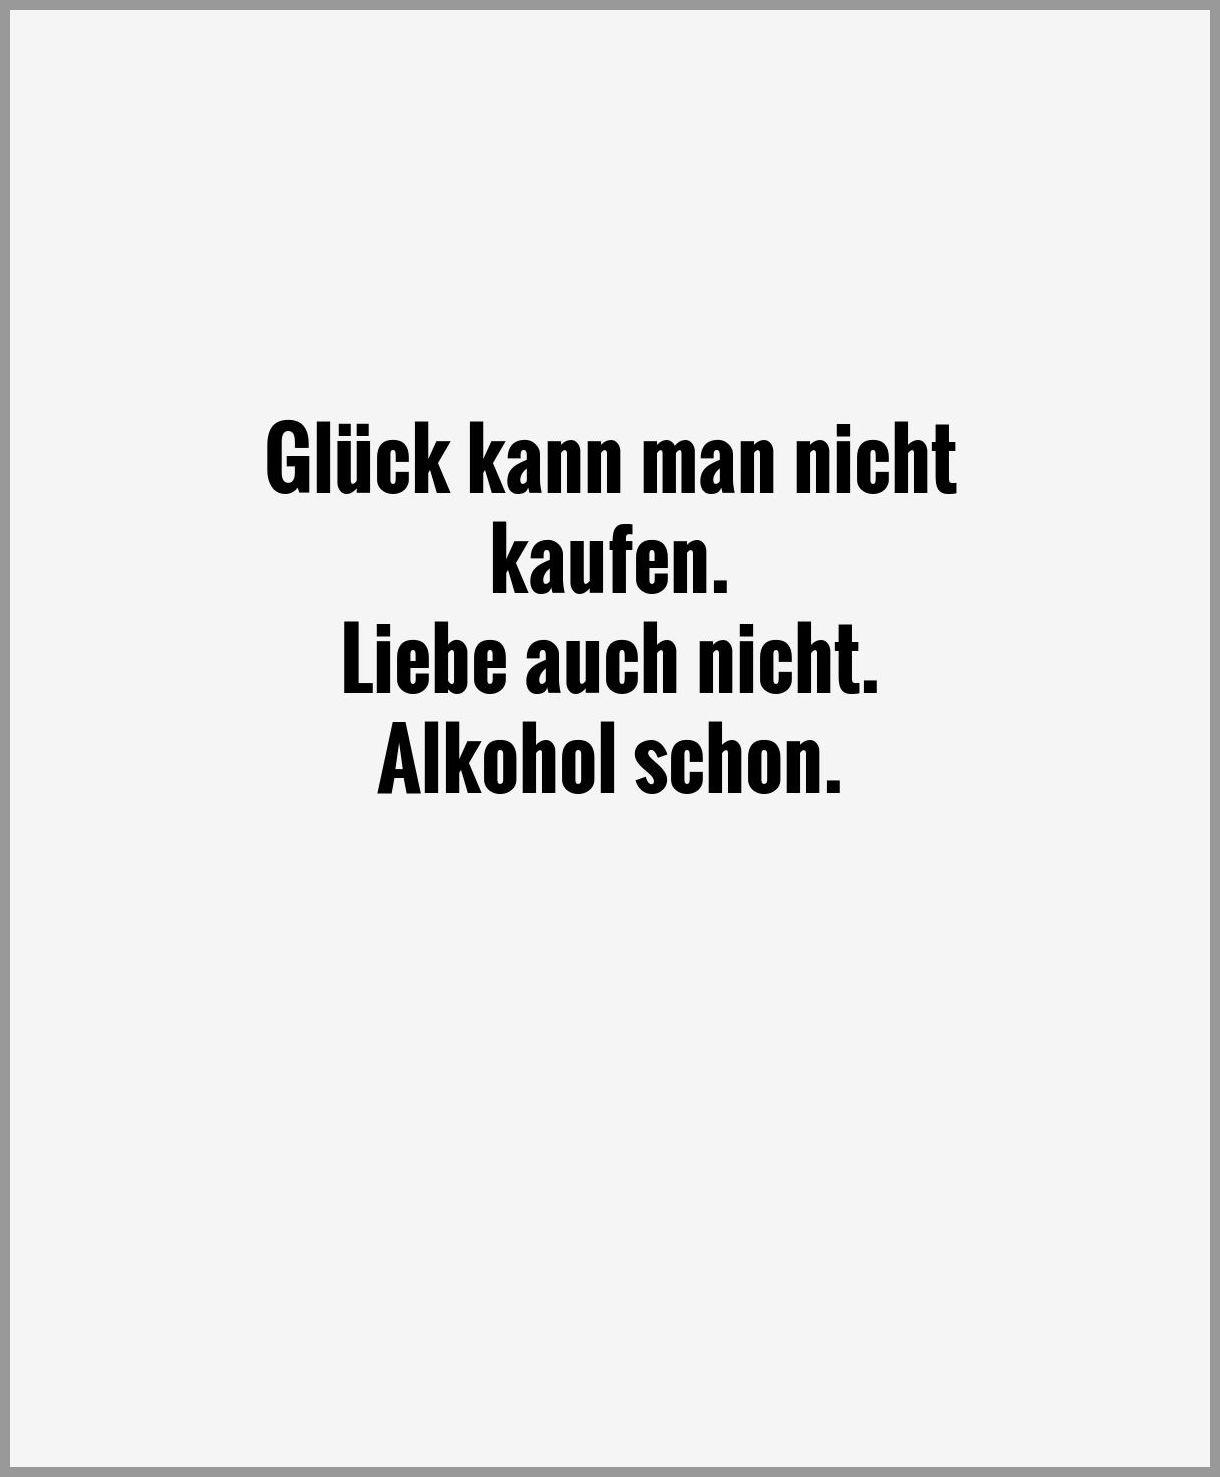 Glueck kann man nicht kaufen liebe auch nicht alkohol schon - Glueck kann man nicht kaufen liebe auch nicht alkohol schon